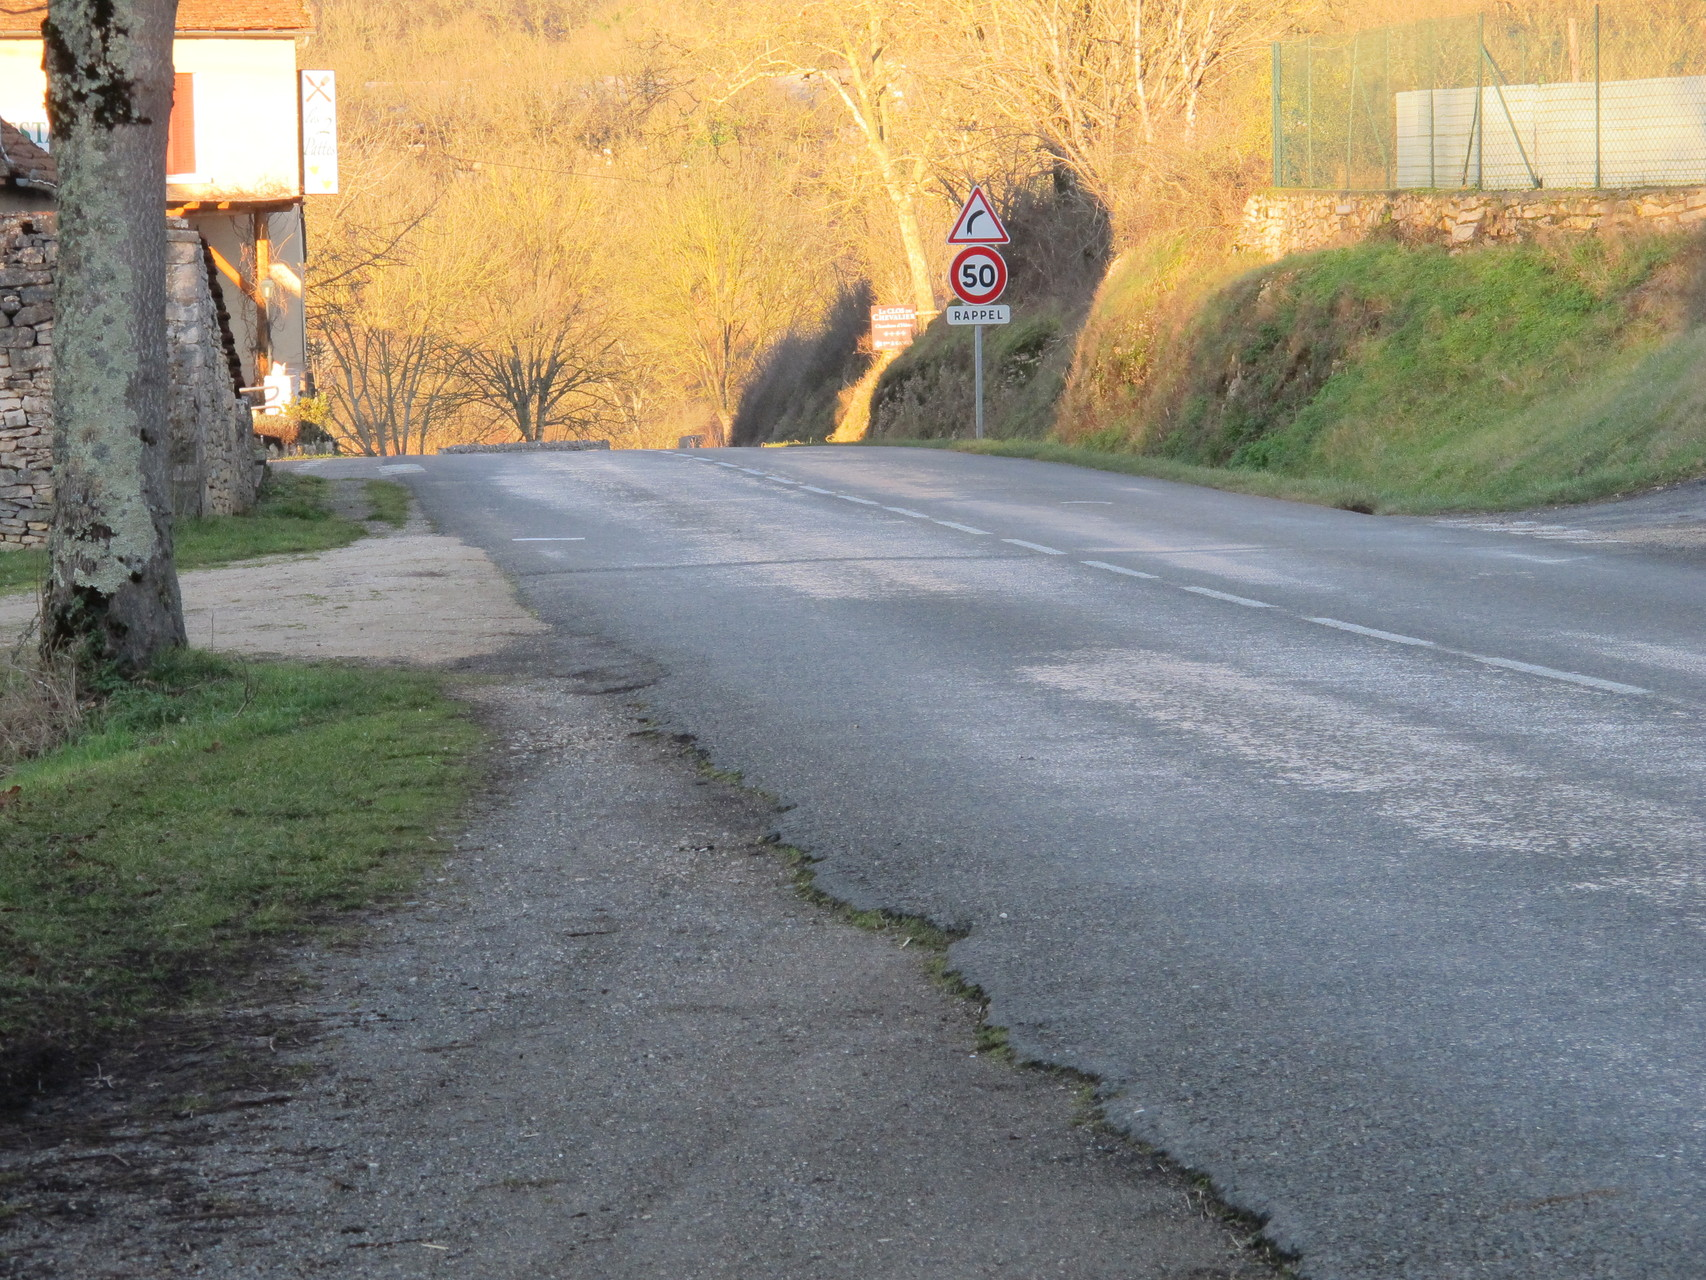 vers la sortie sud direction Cahors